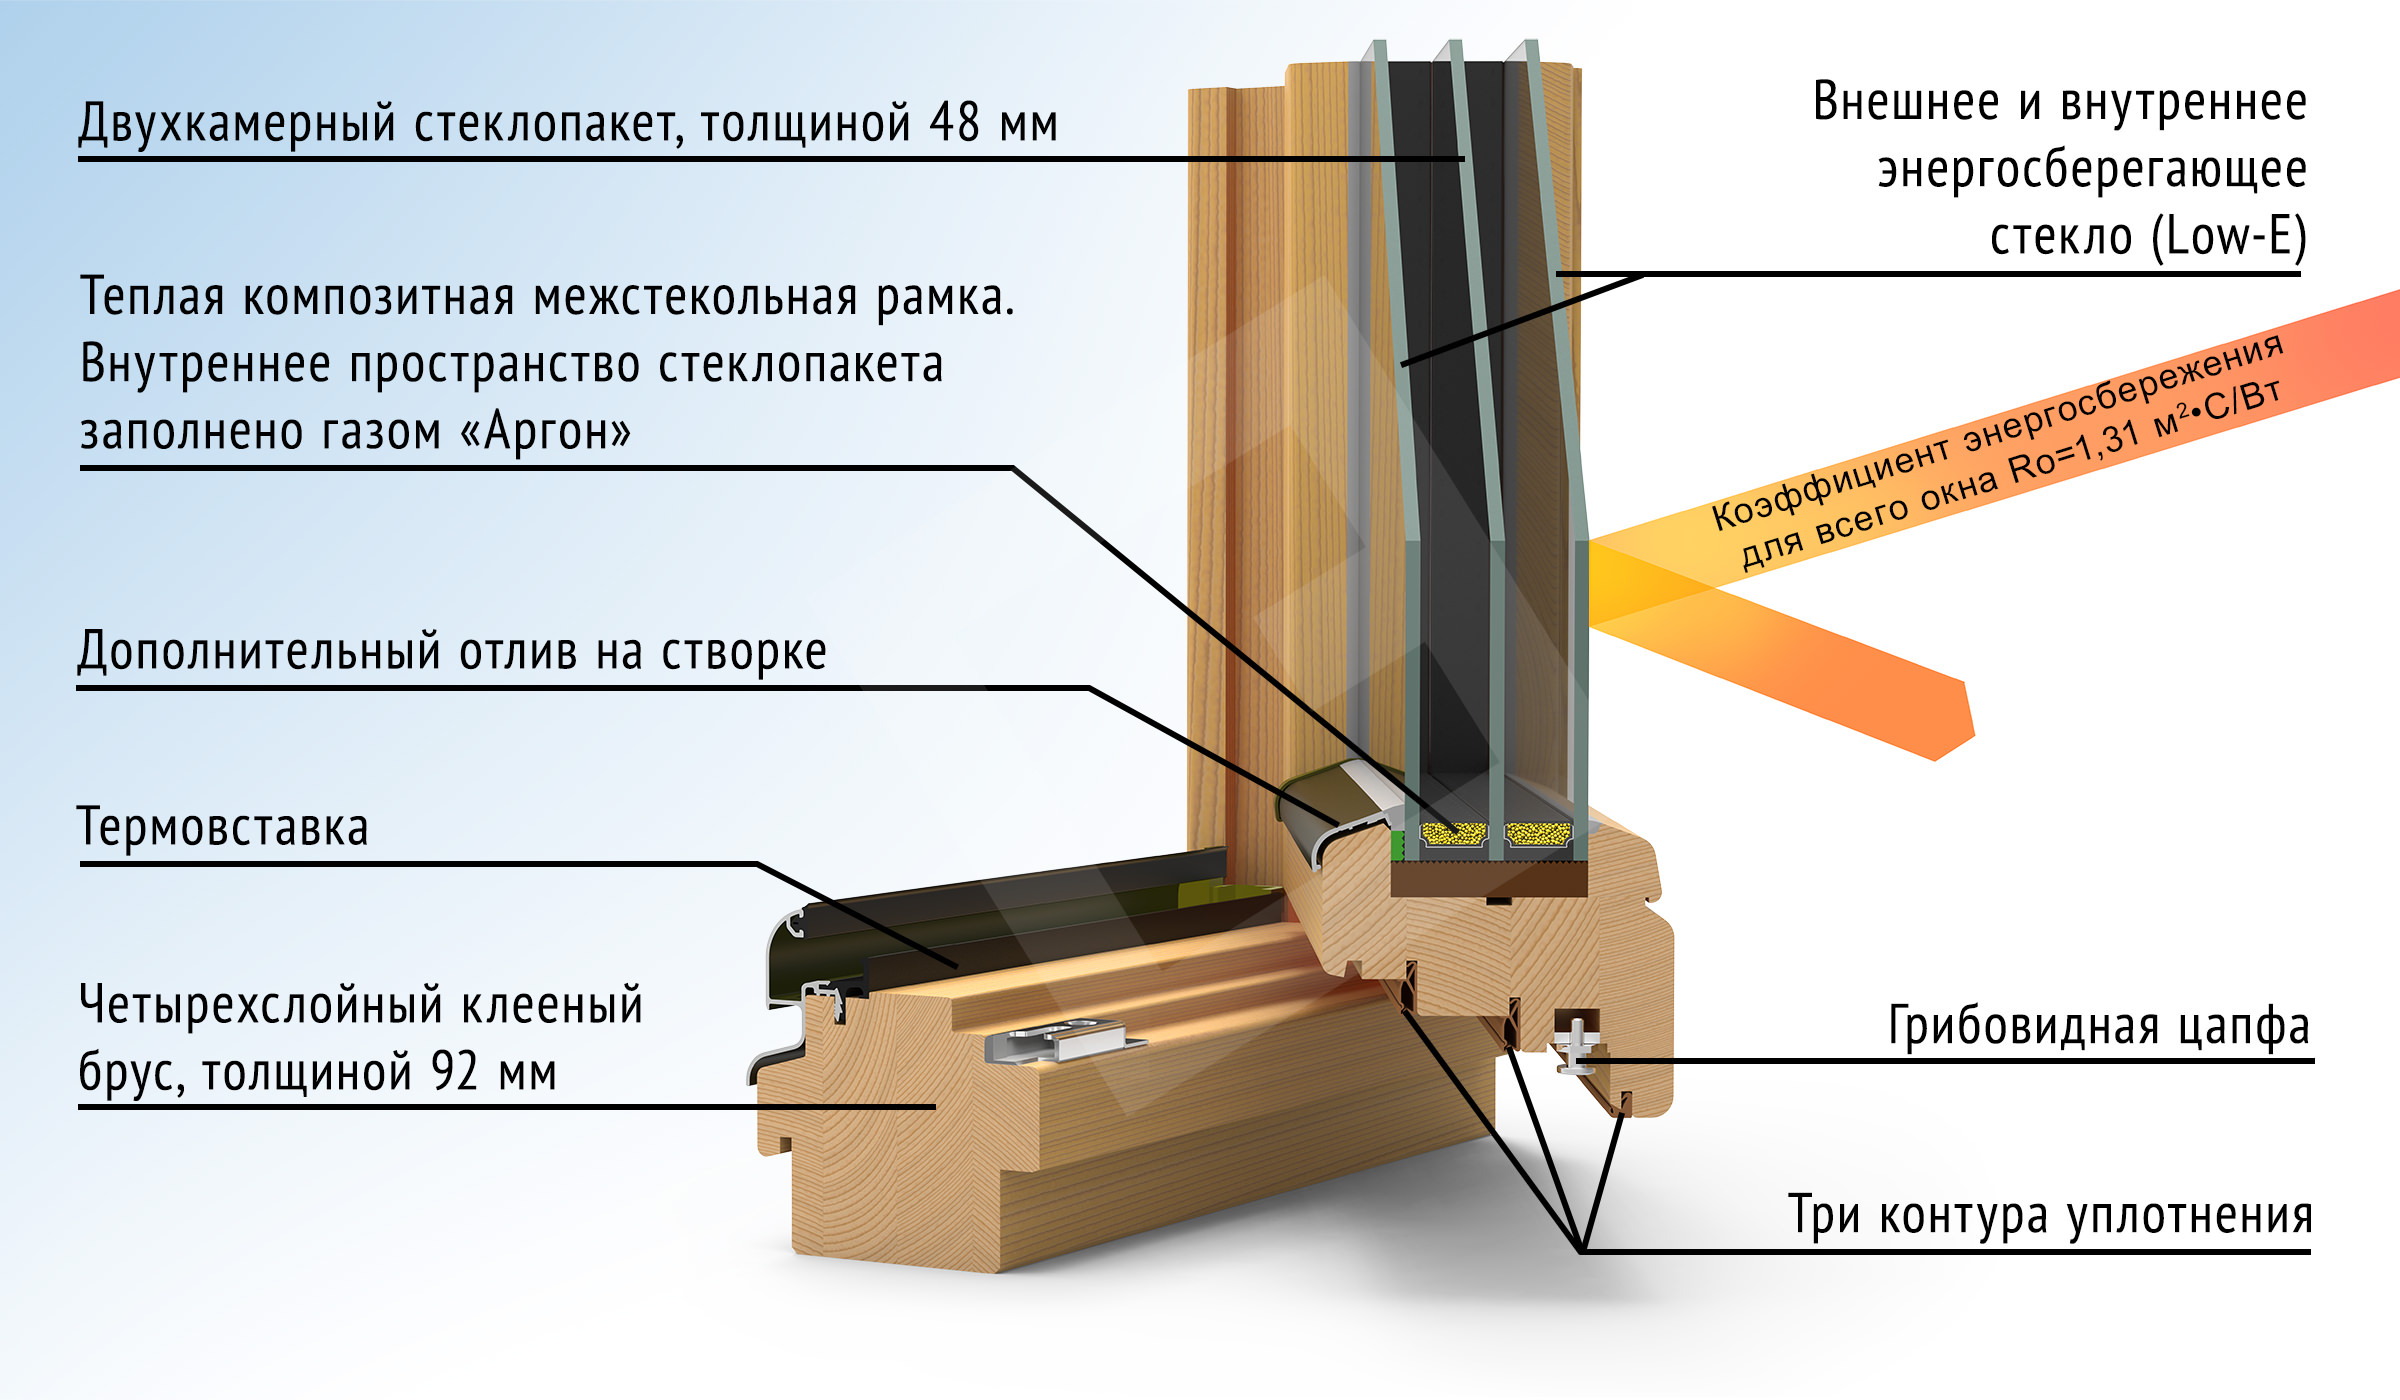 оплата при деревянные окна с энергосберегающим пакетом карася